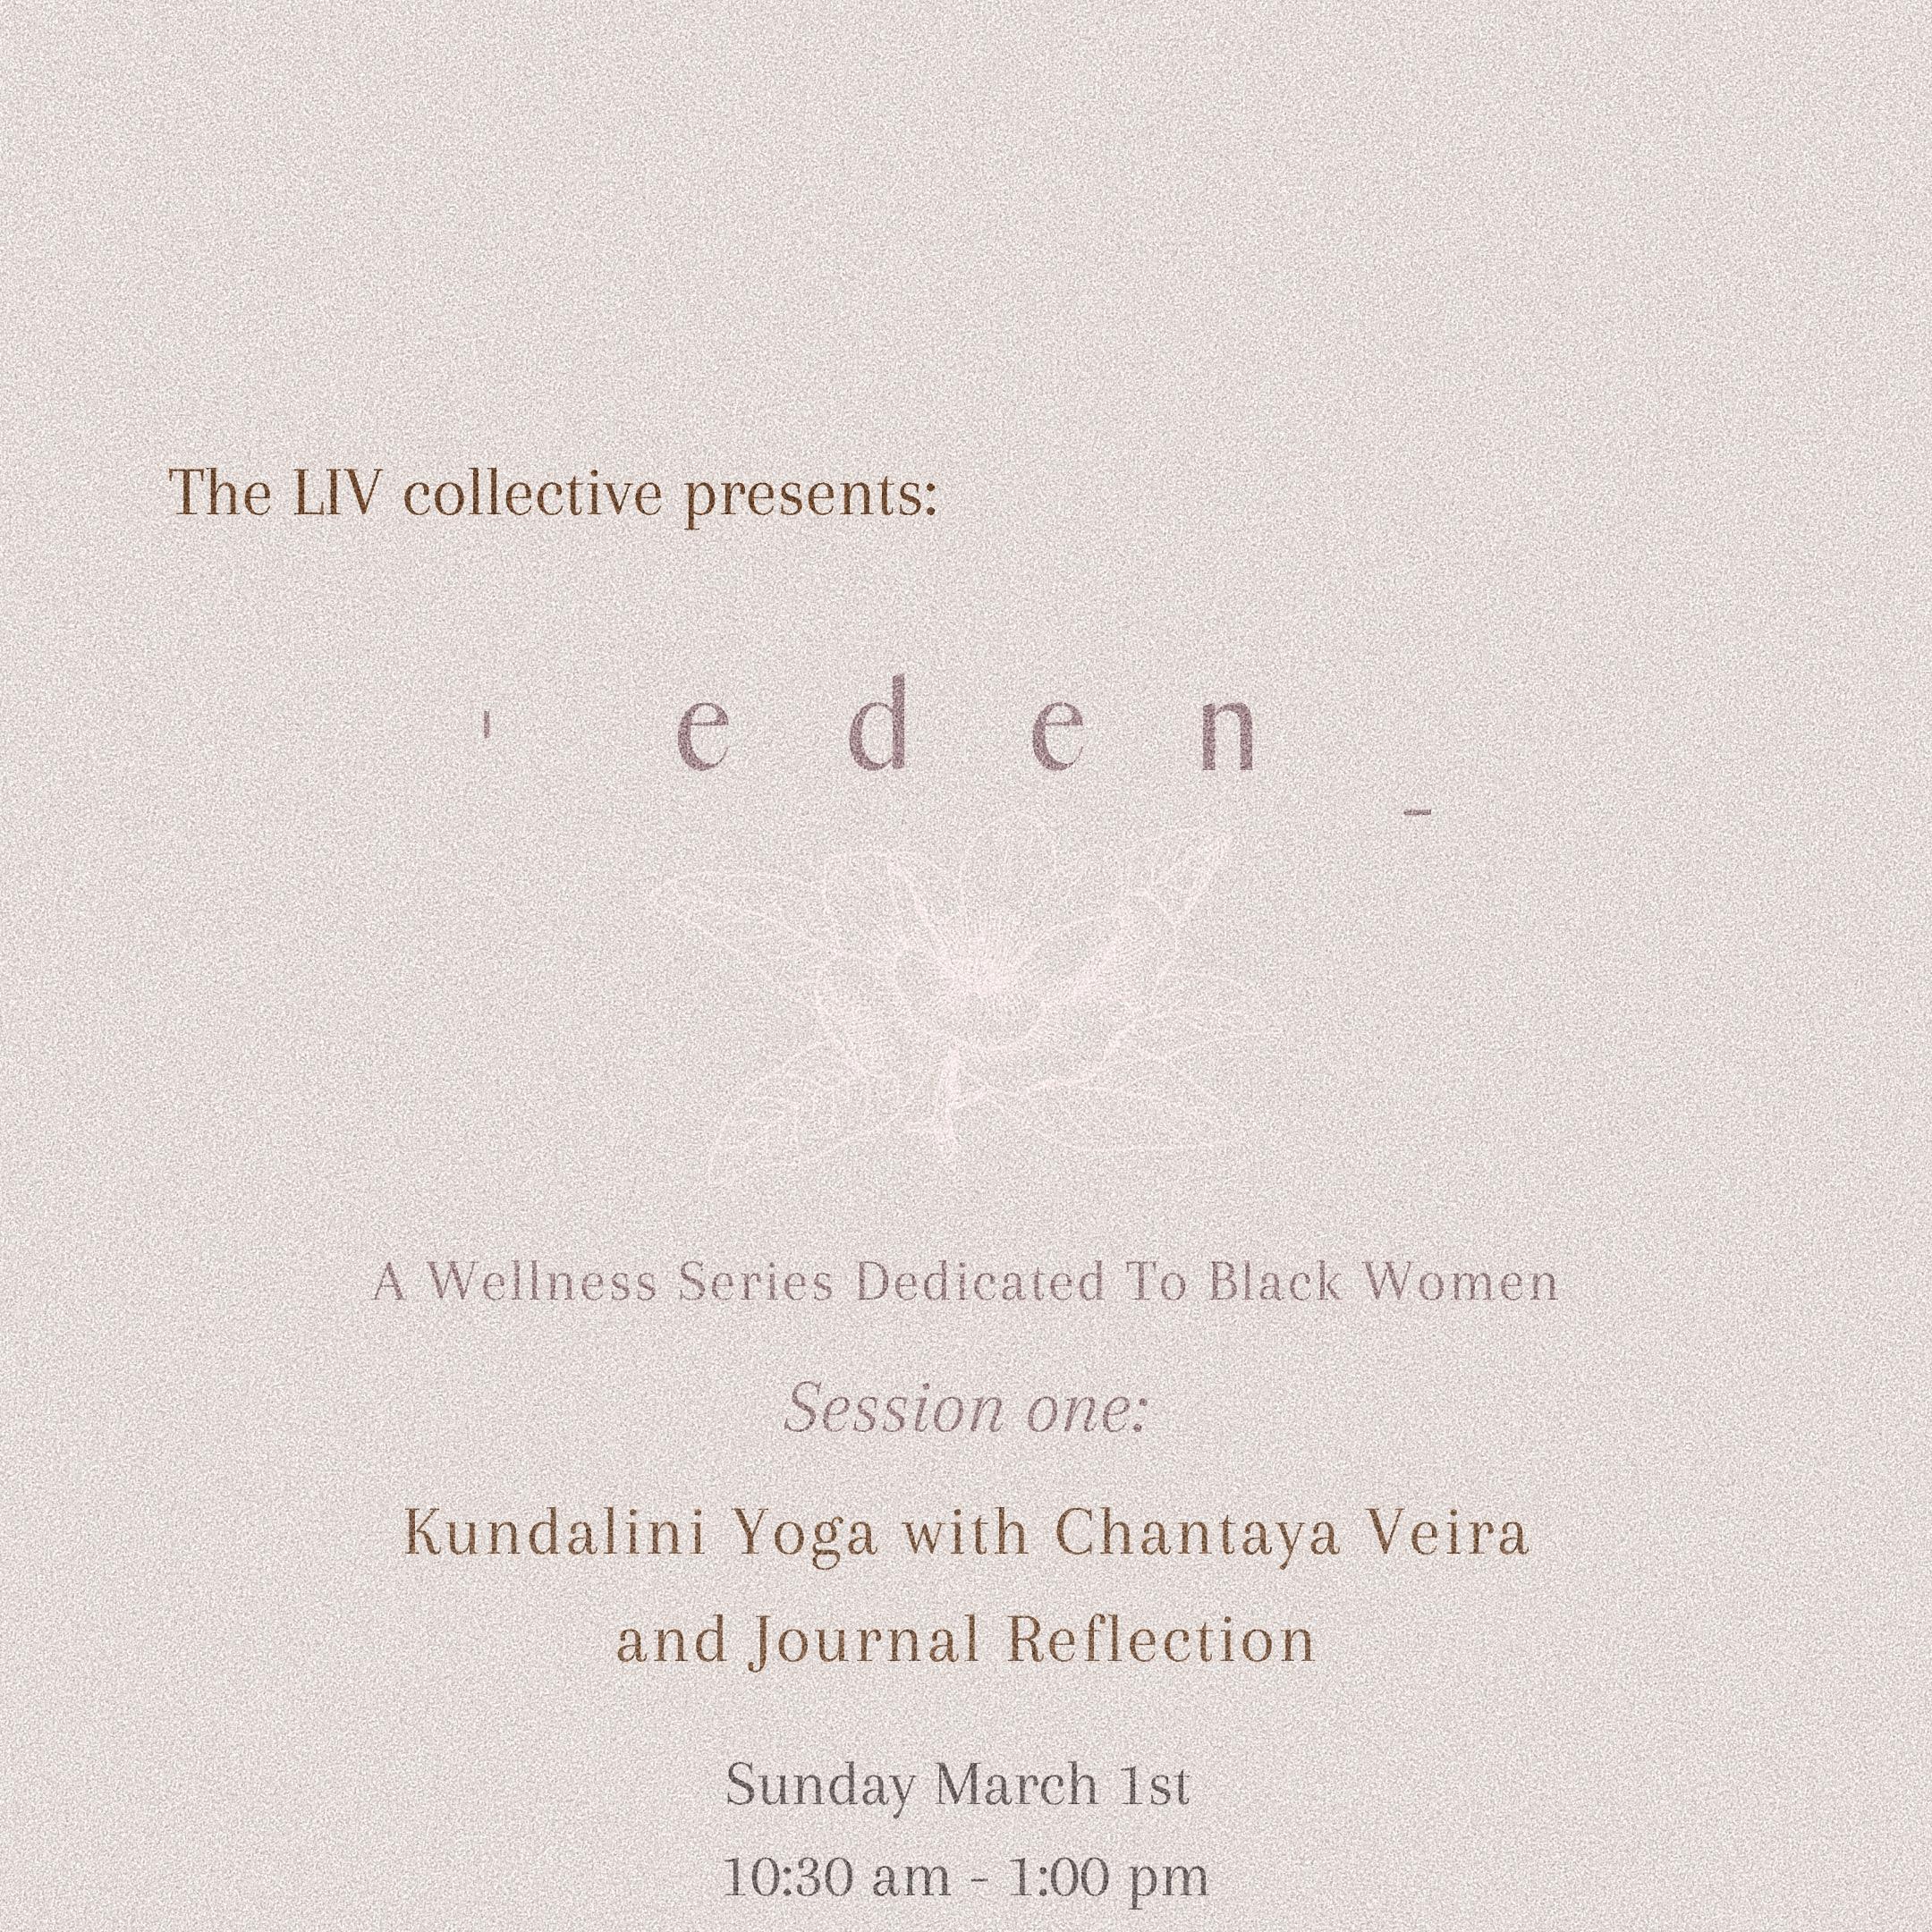 The LIV Collective presents: Eden